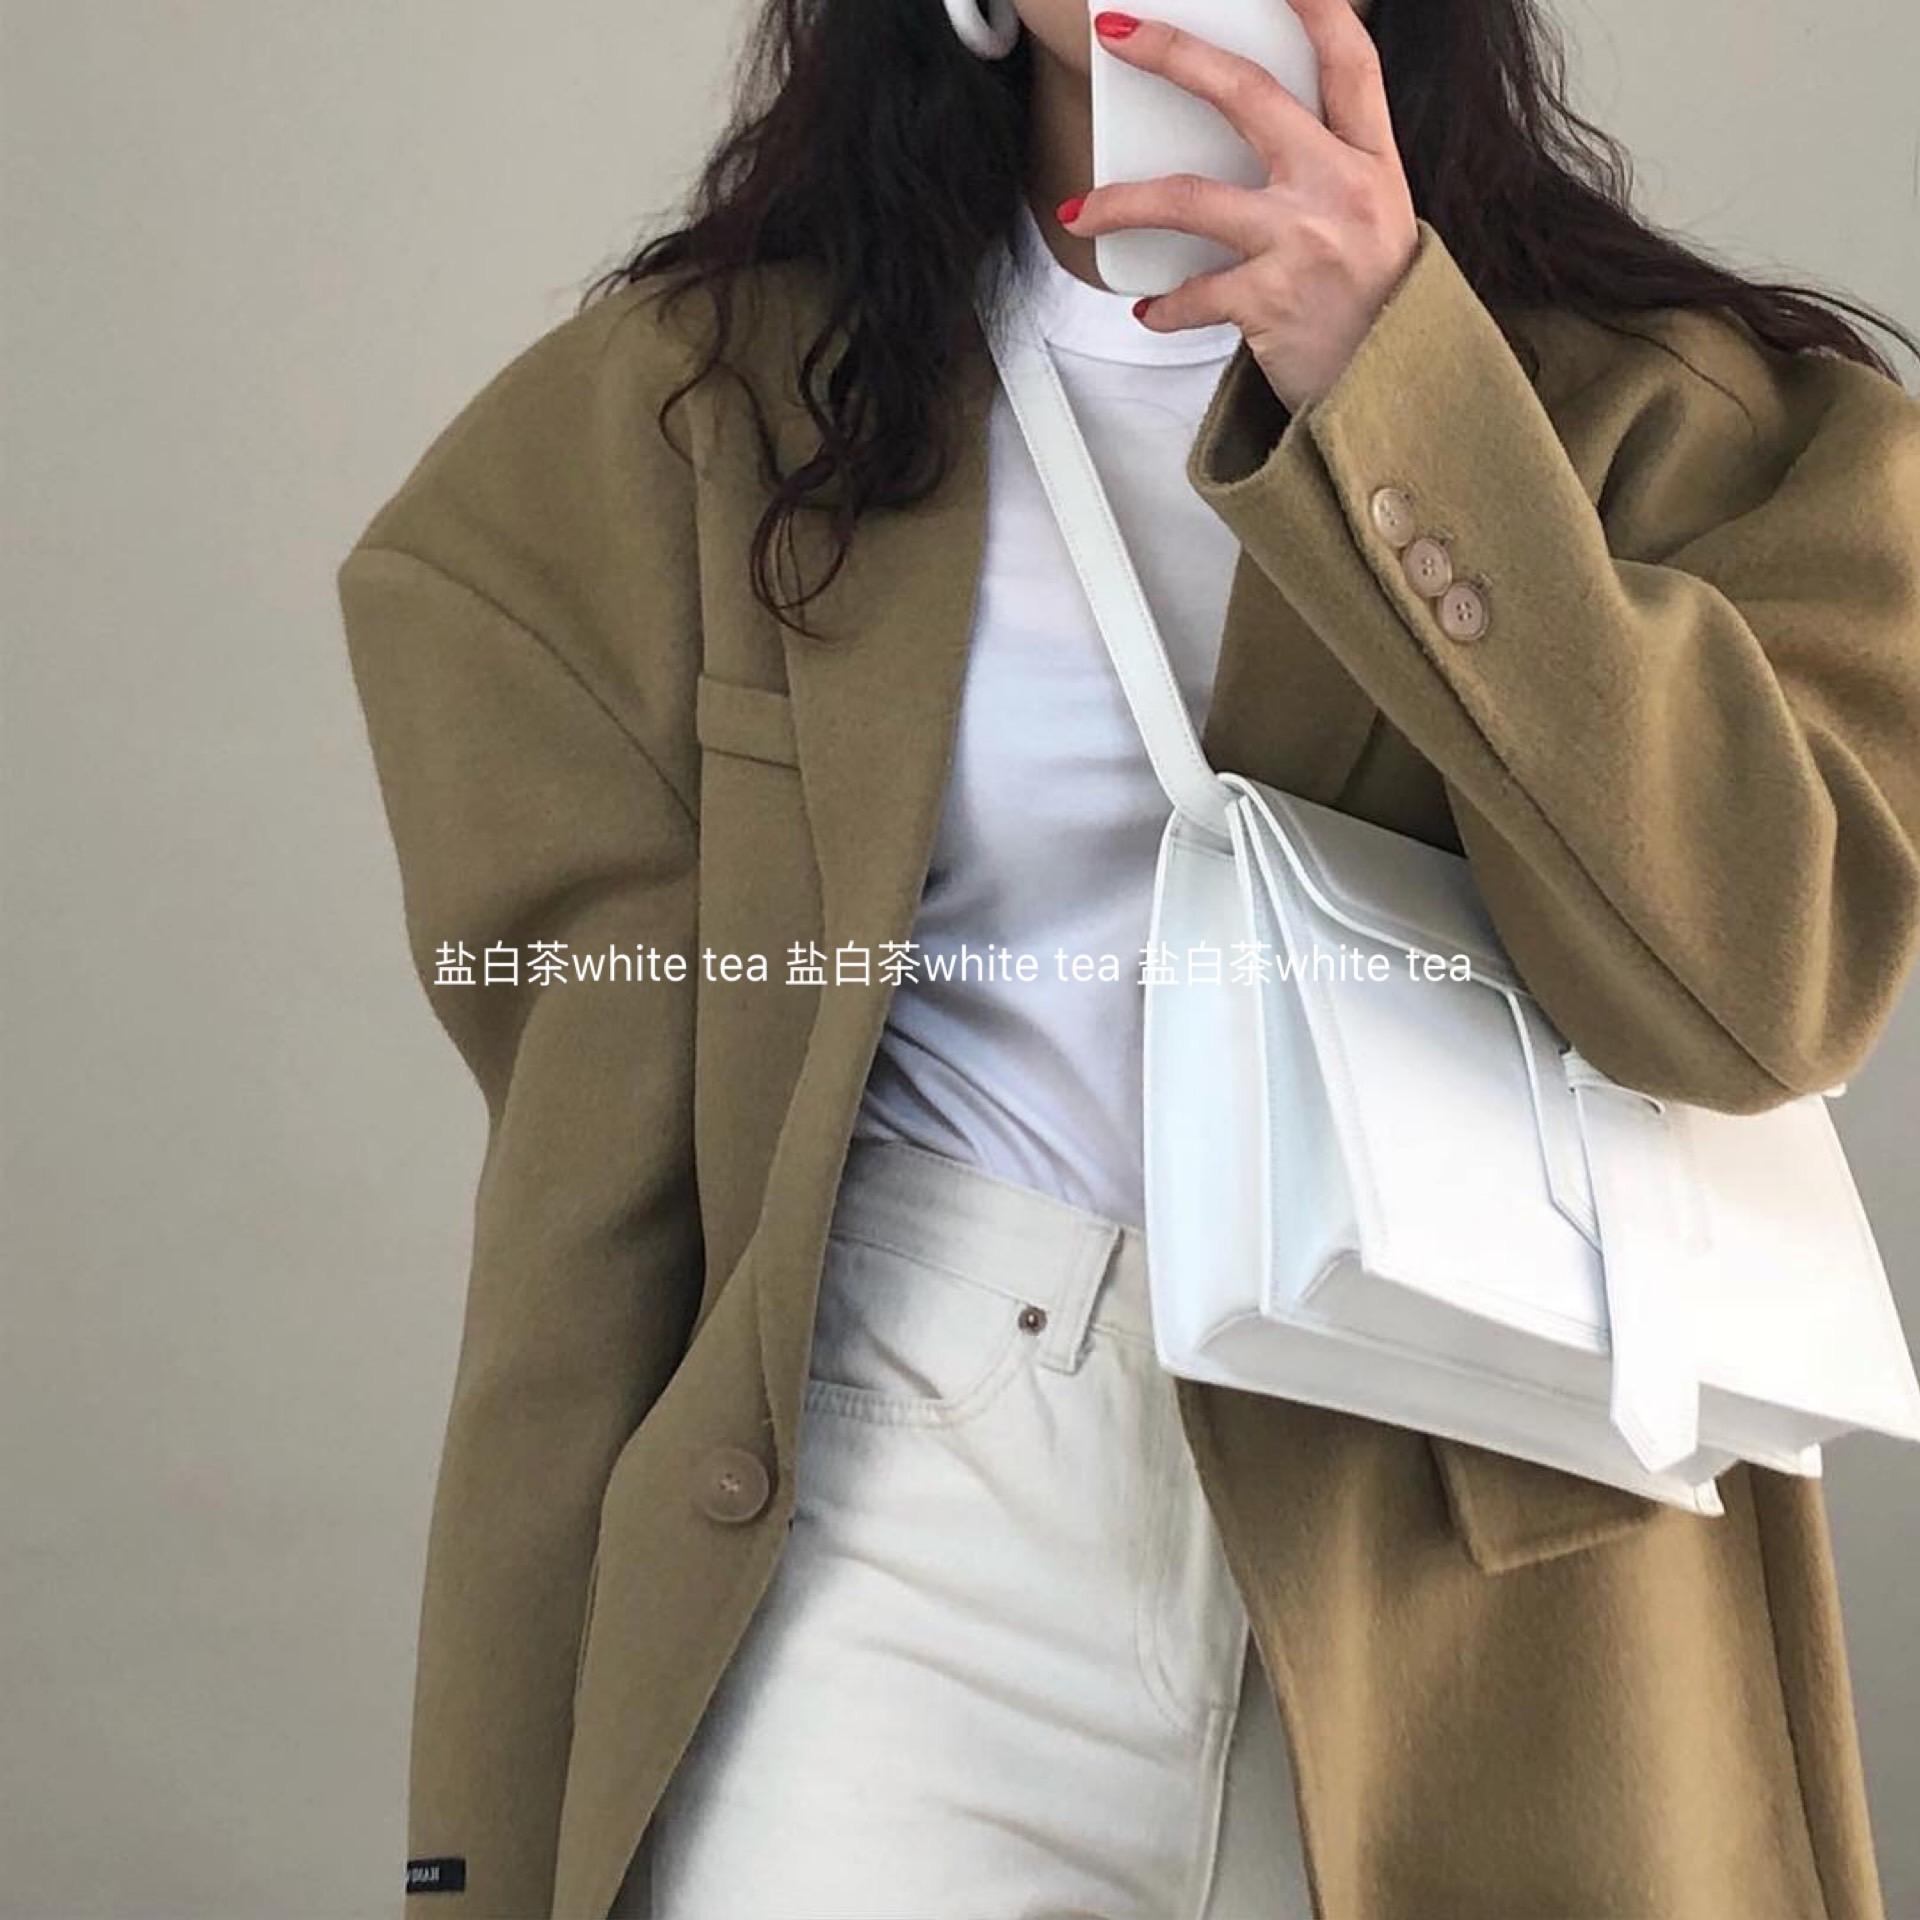 韩版时尚手提包 包包女包新款2019简约时尚大容量ins风手提单肩包韩版百搭斜挎包_推荐淘宝好看的女韩版手提包